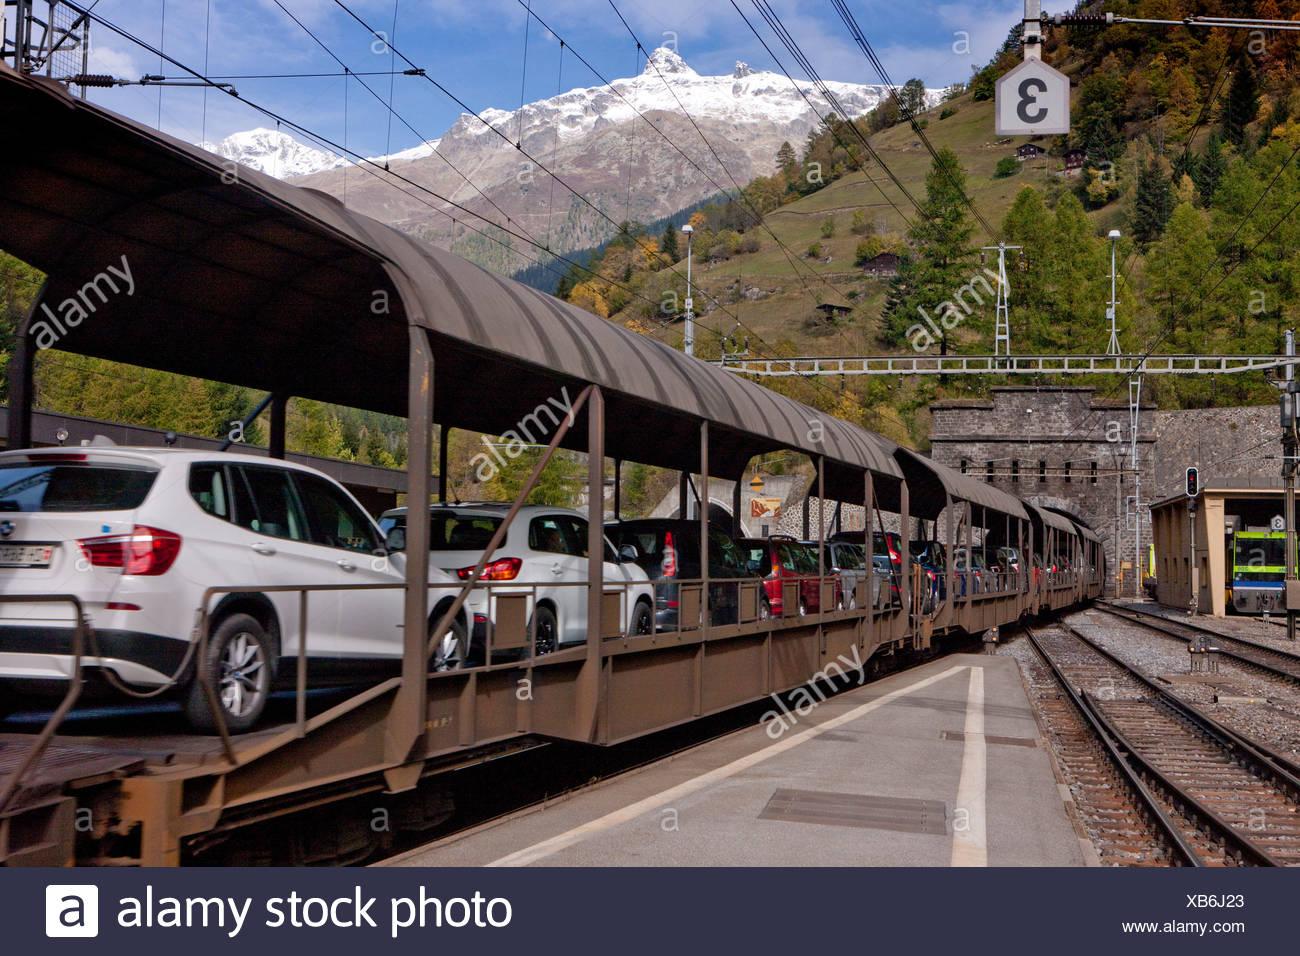 Tunnel, Eingang, Goppenstein, VERSUS, Straße, Bahn, Zug, Eisenbahn, Herbst, Lötschberg, Kanton Wallis, Schweiz, BLS, Eur Stockbild